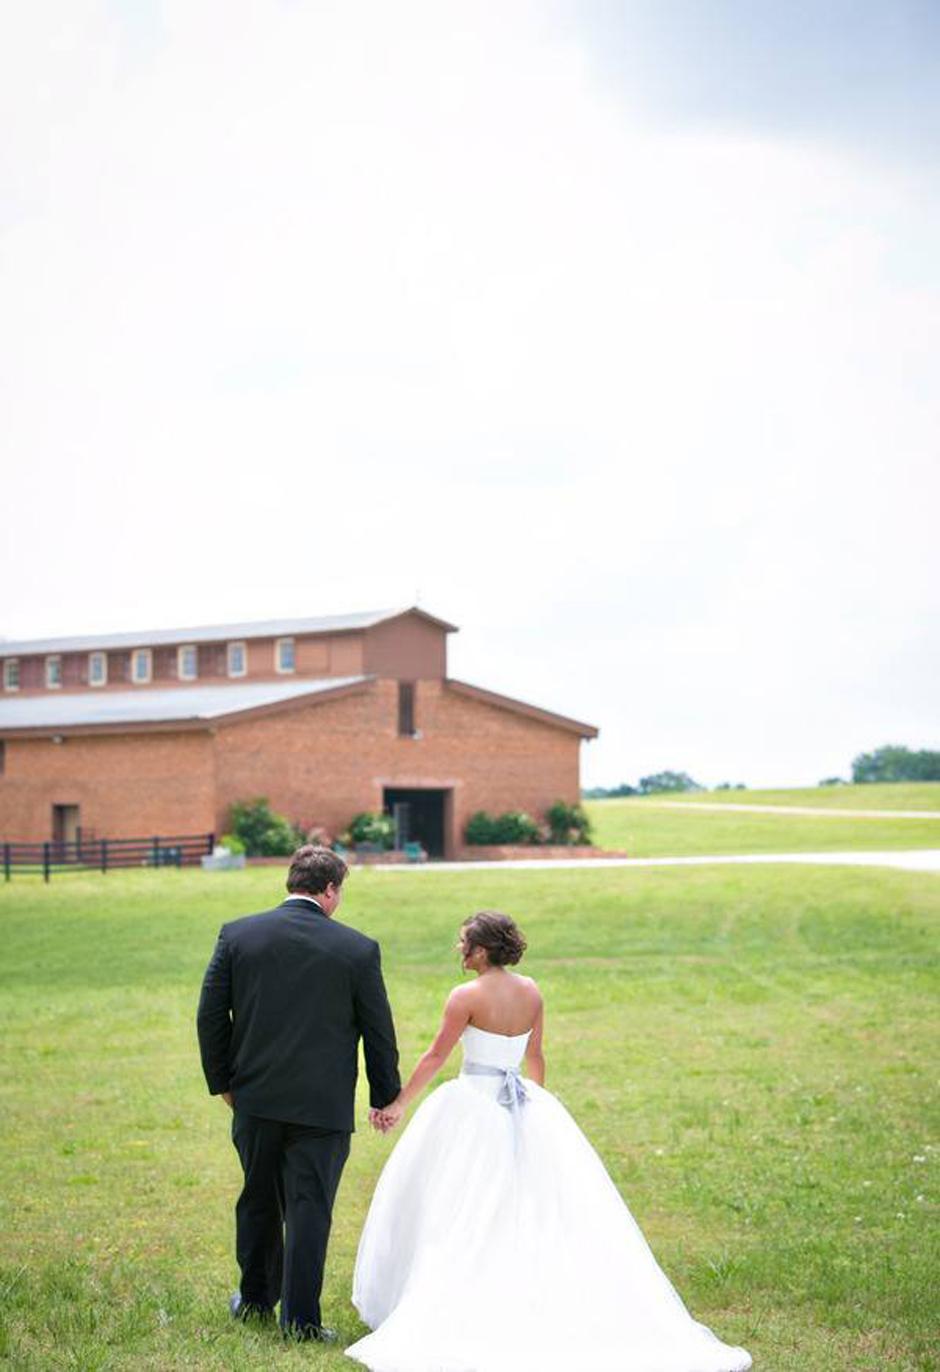 Historic Smithonia Farm Wedding - Tent Rentals in Athens, GA